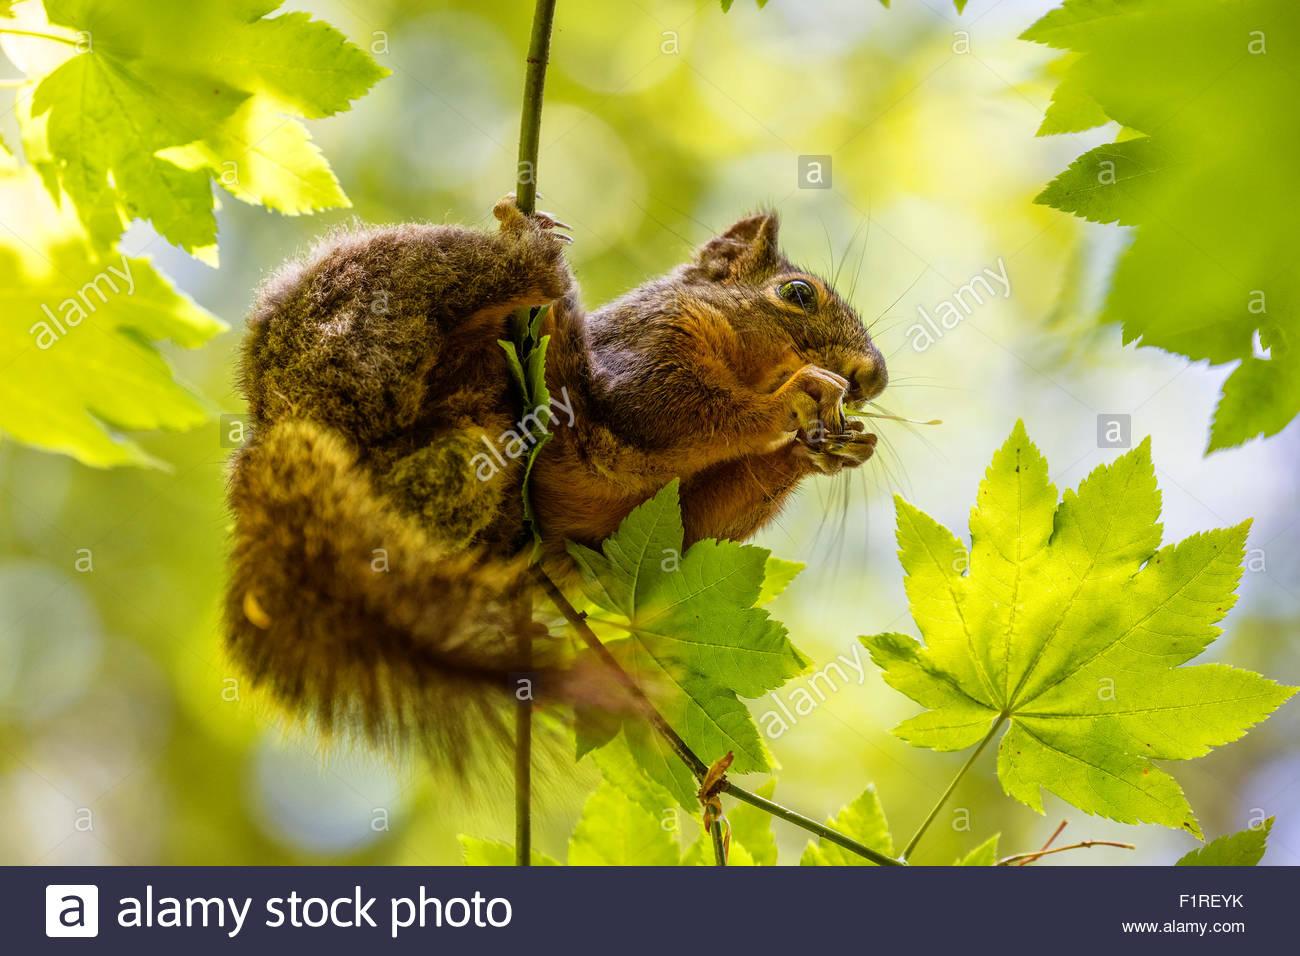 Eine Kaskade Golden Jaguaren Grundeichhörnchen (Spermophilus Saturatus) ernährt sich von Samen aus einem Stockbild